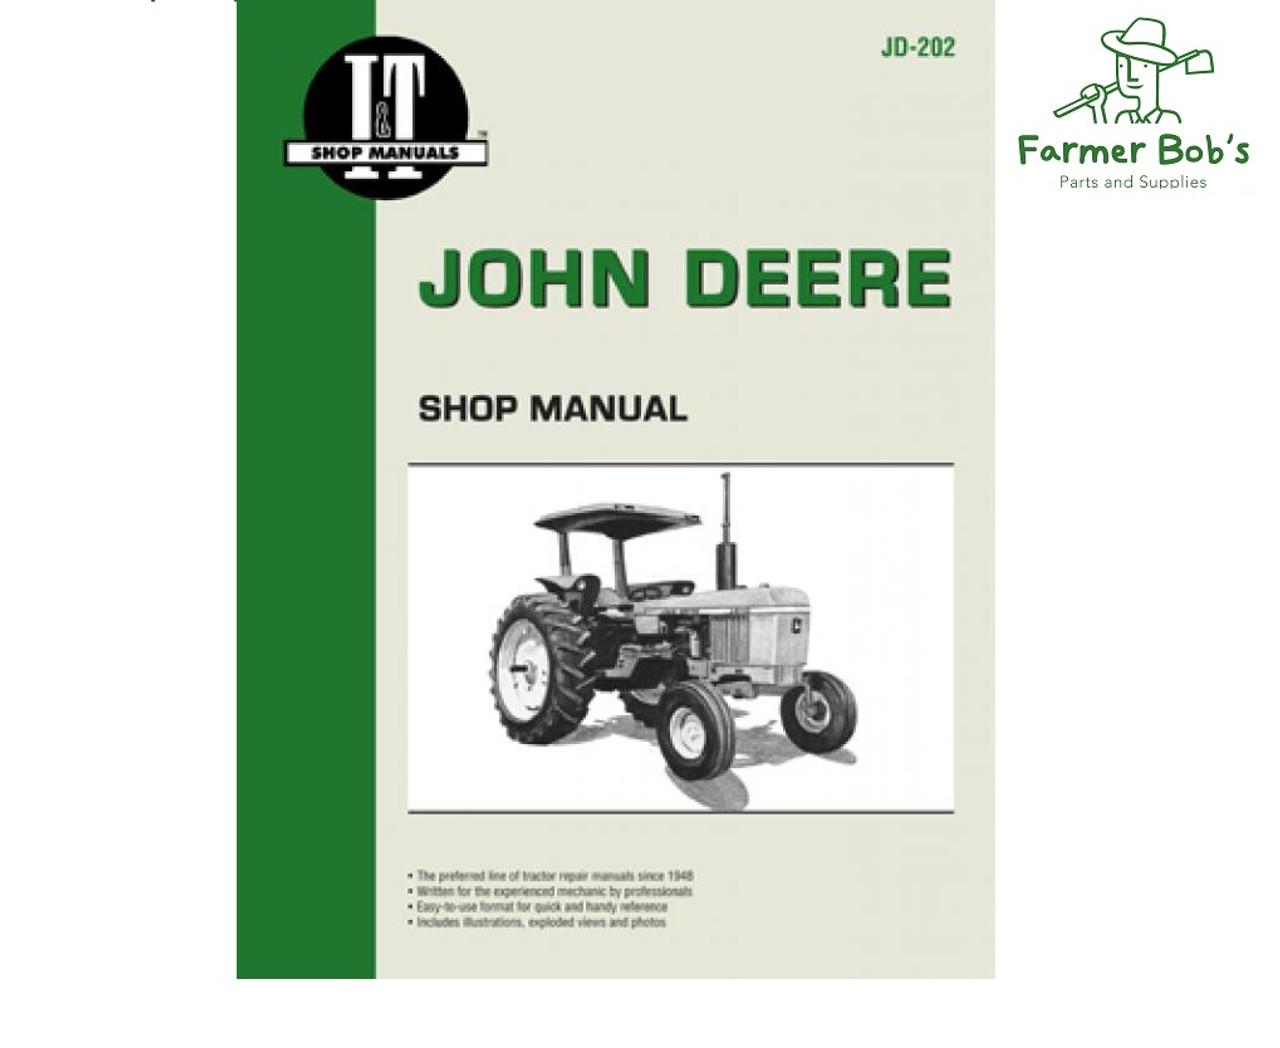 medium resolution of jd202 i u0026t shop manuals john deere 2510 2520 2040 2240